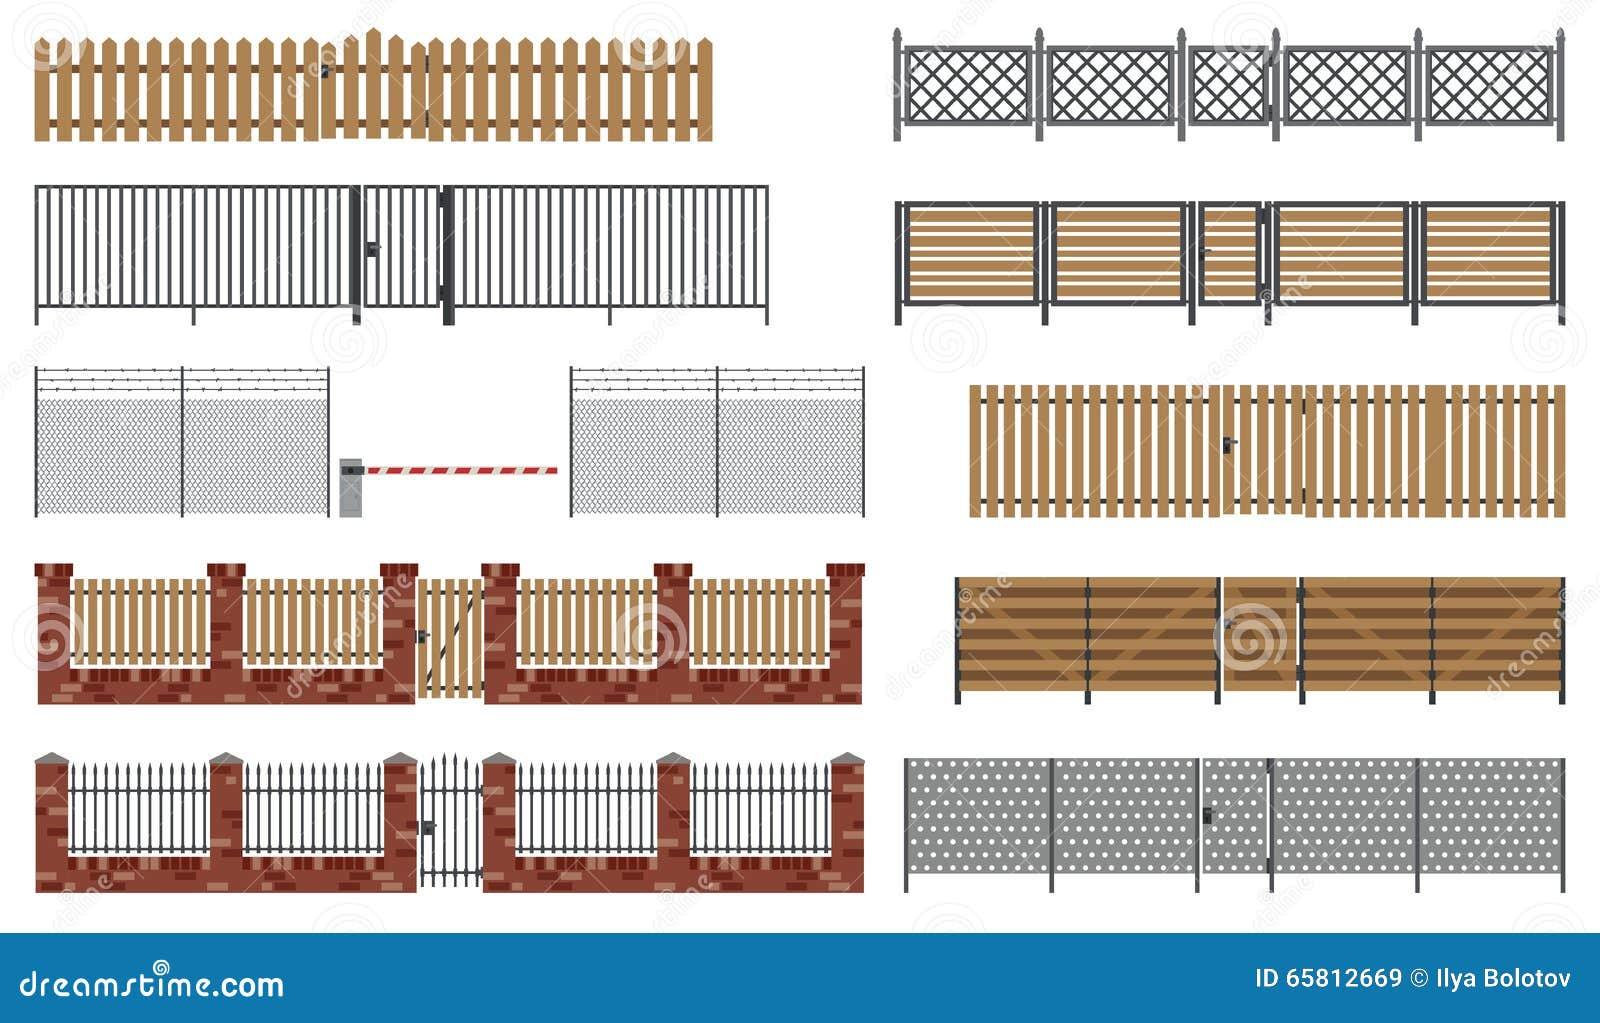 Metaal en houten omheiningen en poorten vector illustratie for Cerco illustratore